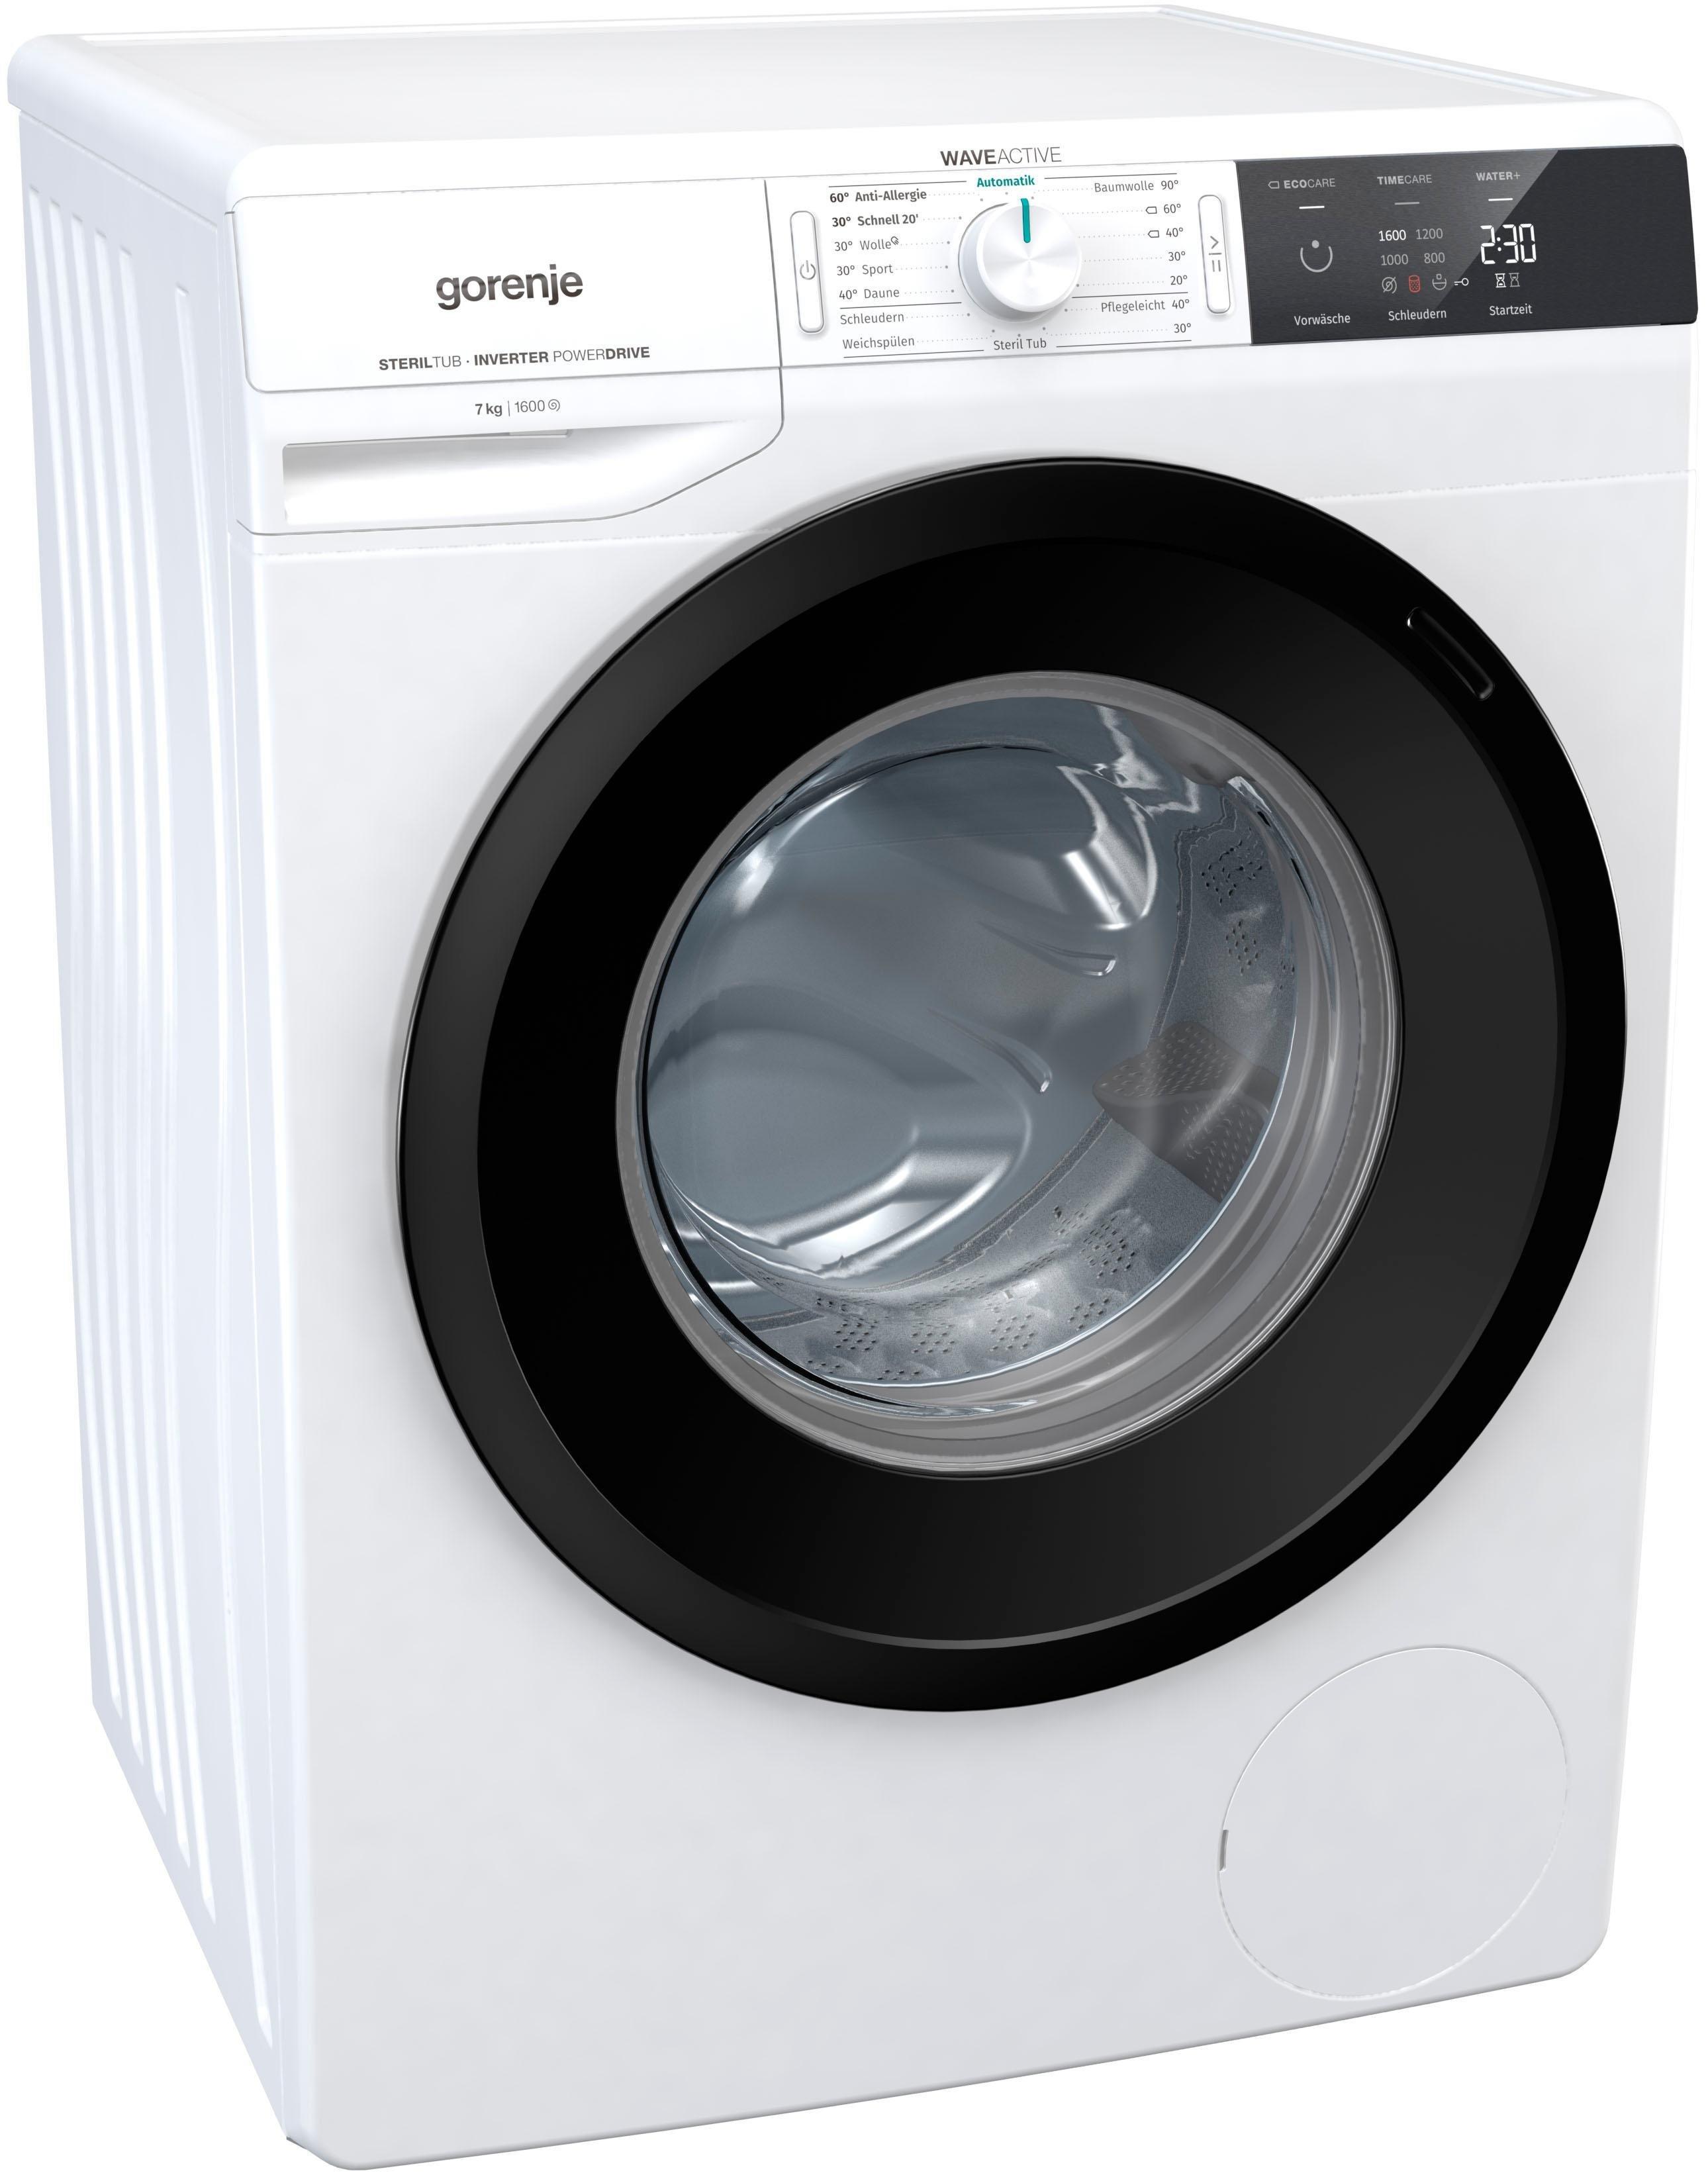 gorenje waschmaschinen preisvergleich die besten angebote online kaufen. Black Bedroom Furniture Sets. Home Design Ideas